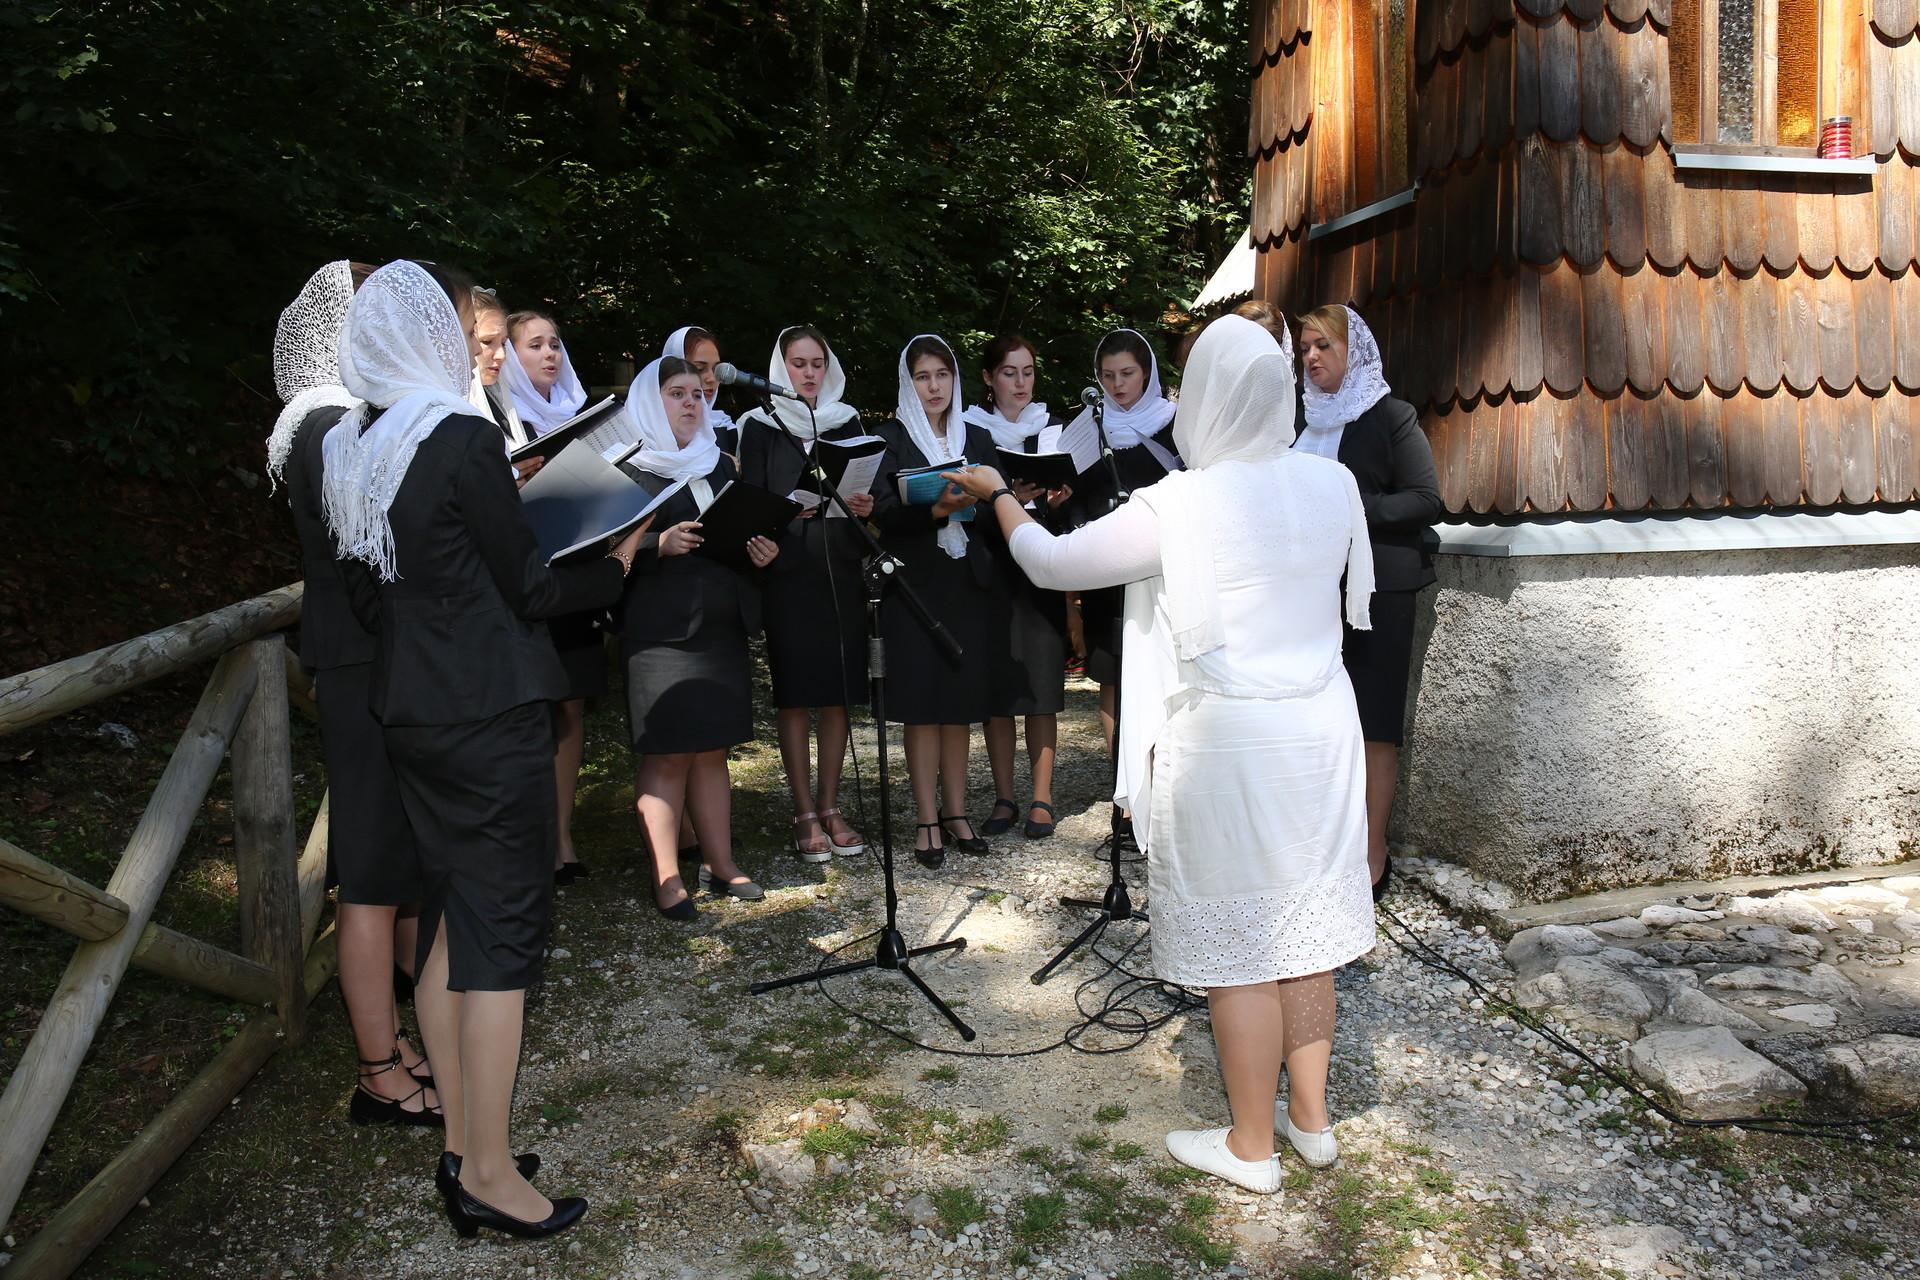 Ženski pevski zbor Sanktpeterburške duhovne akademije